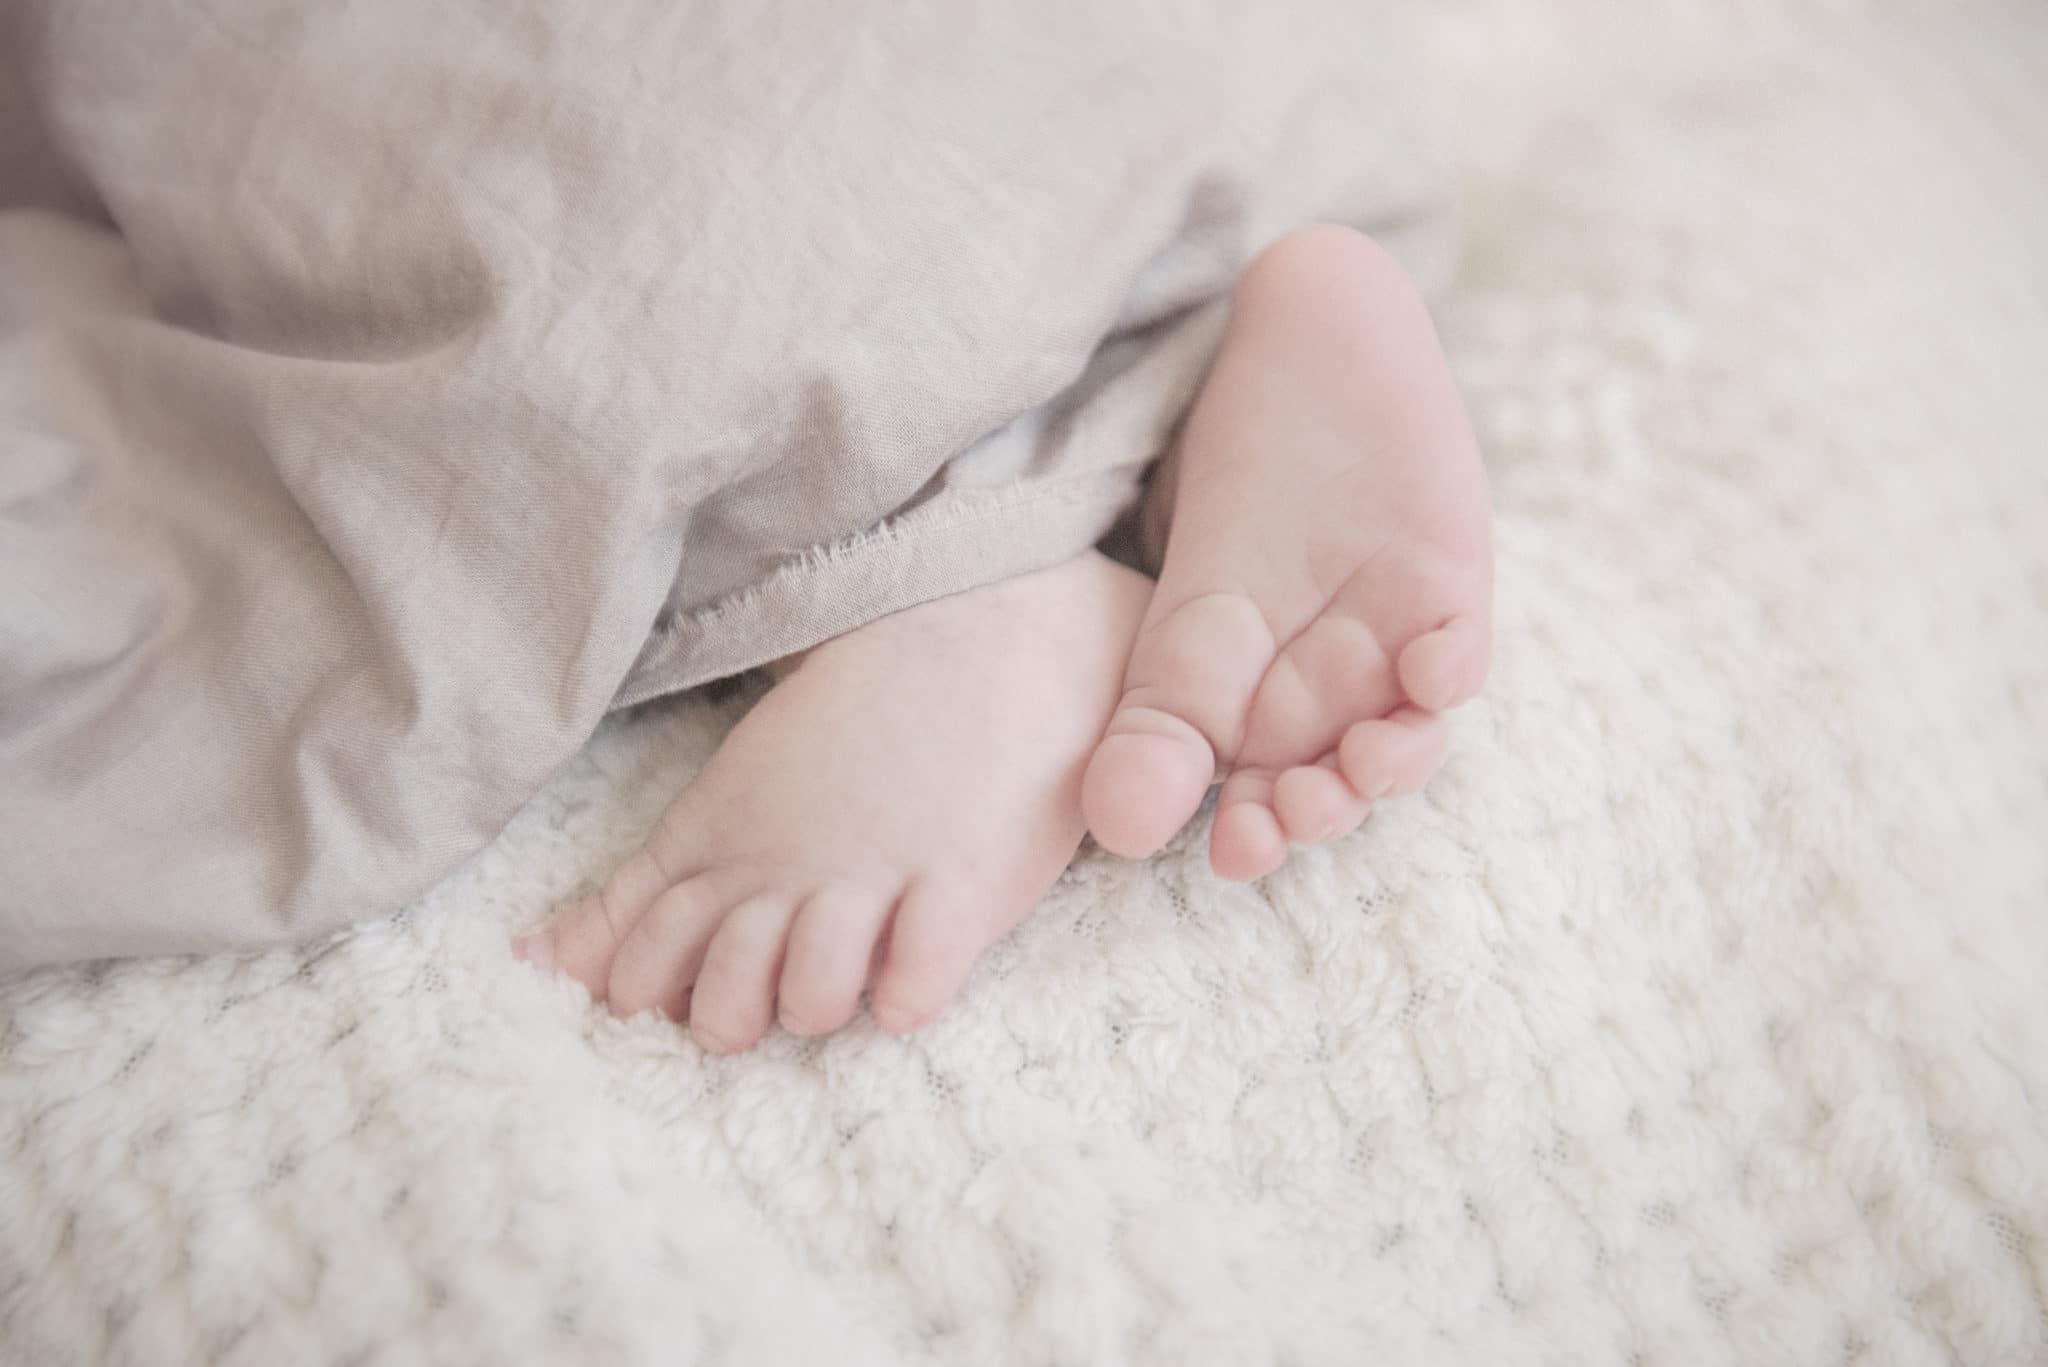 lausannephoto-nouveau-ne-shooting-maternite-professionnel-bebe